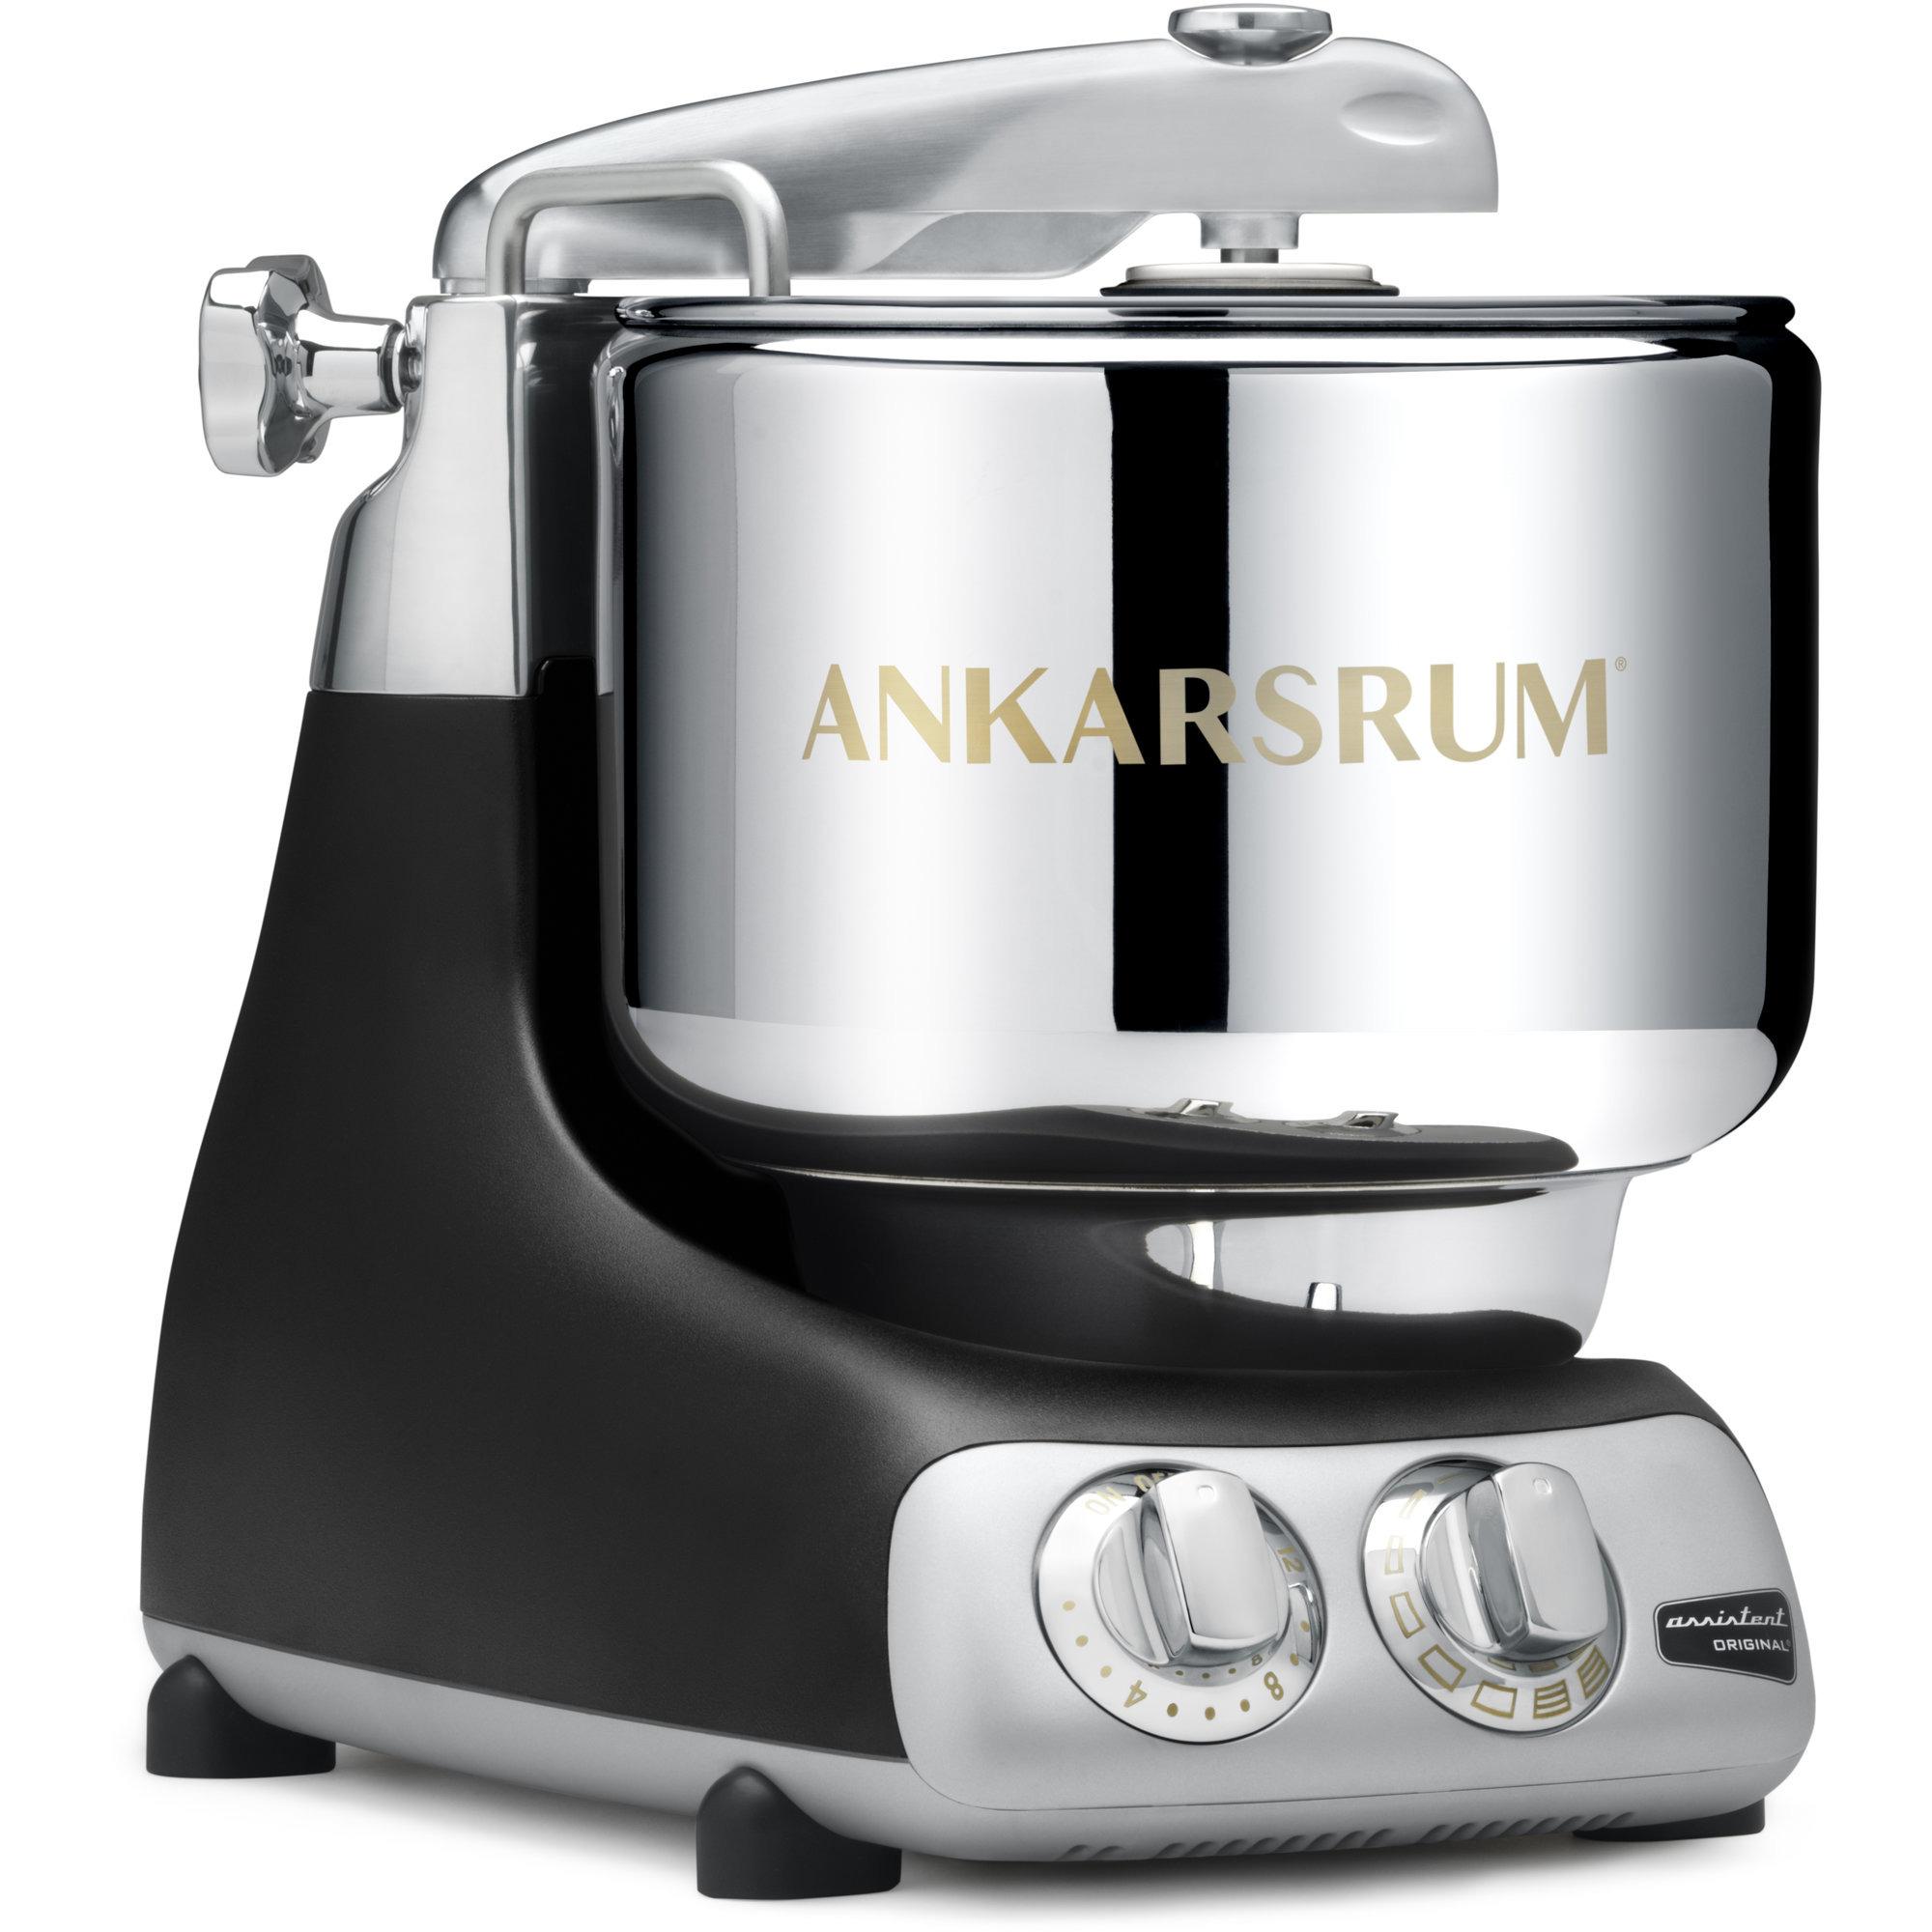 Bilde av Ankarsrum Akm 6230 Blandemaskin / Kjøkkenmaskin